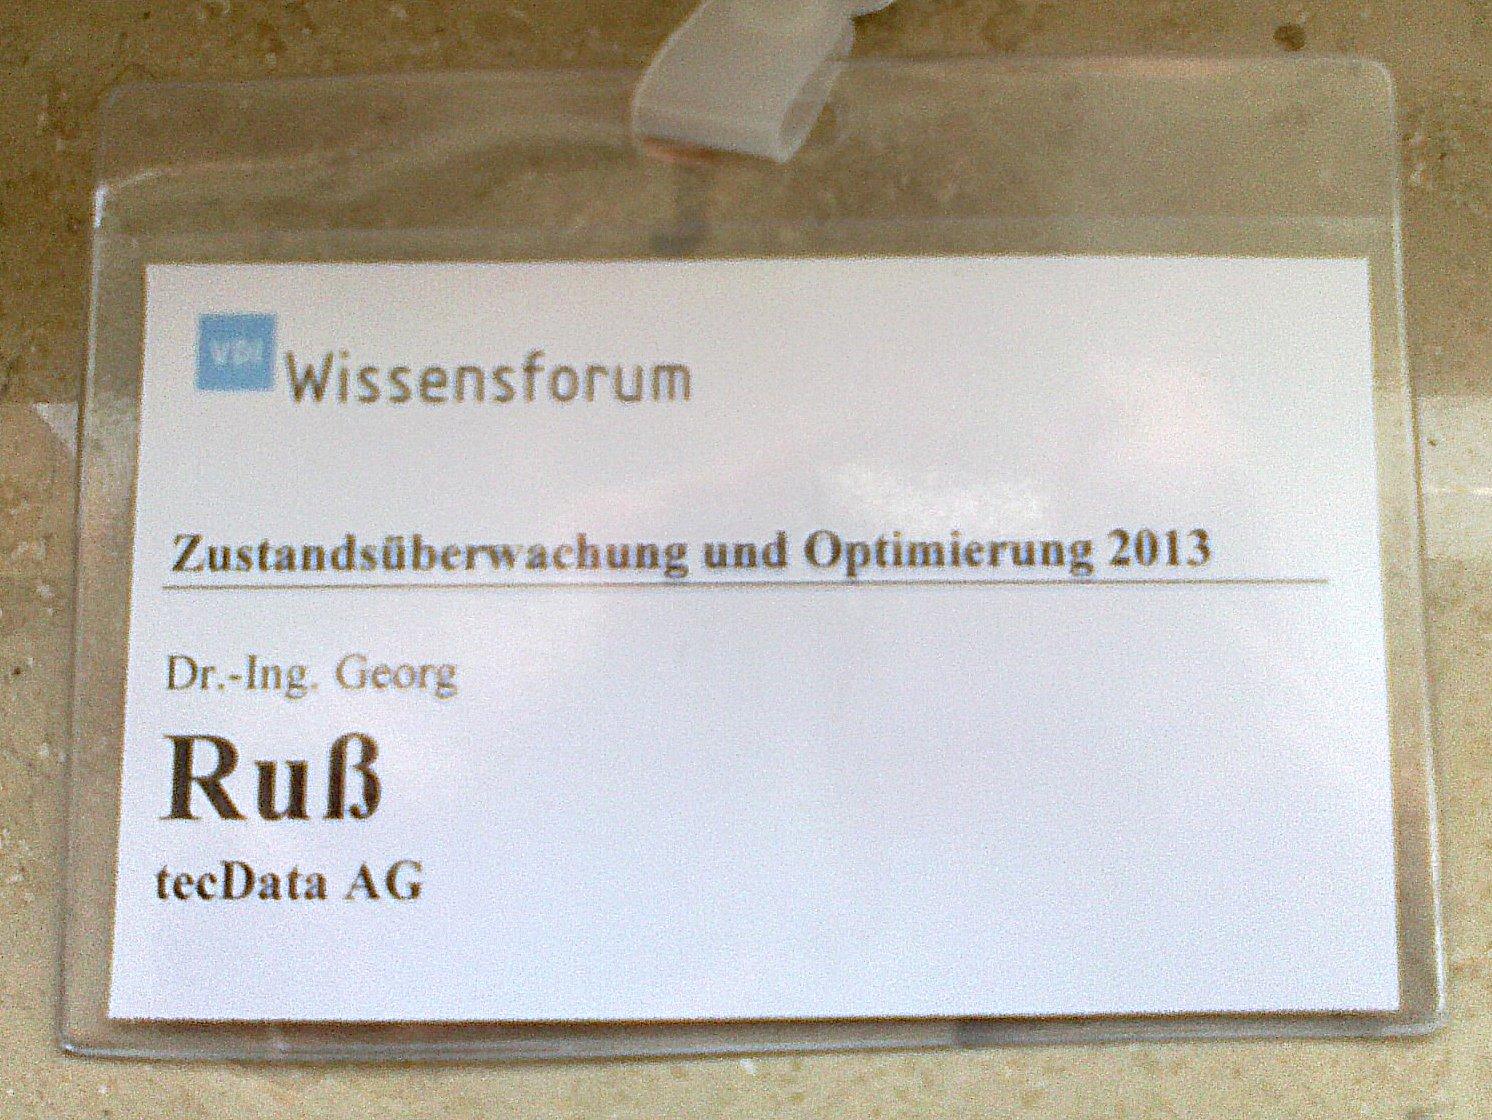 VDI-Namensschild: wichtig ist der Nachname, pffff...